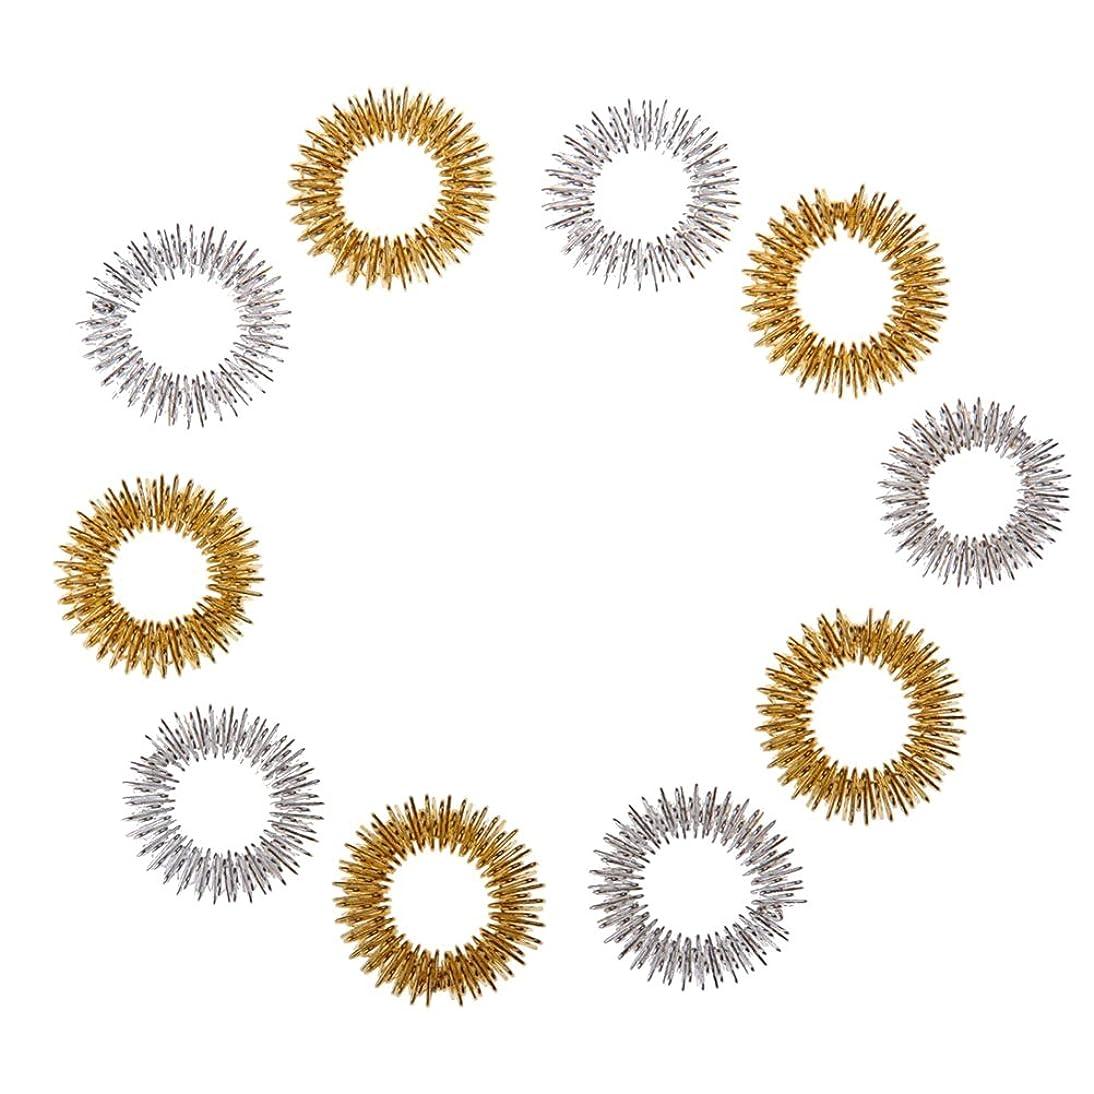 維持医療過誤オープナーSUPVOX 10ピース指圧マッサージ指輪循環リング子供のための十代の若者たち大人ランダム色